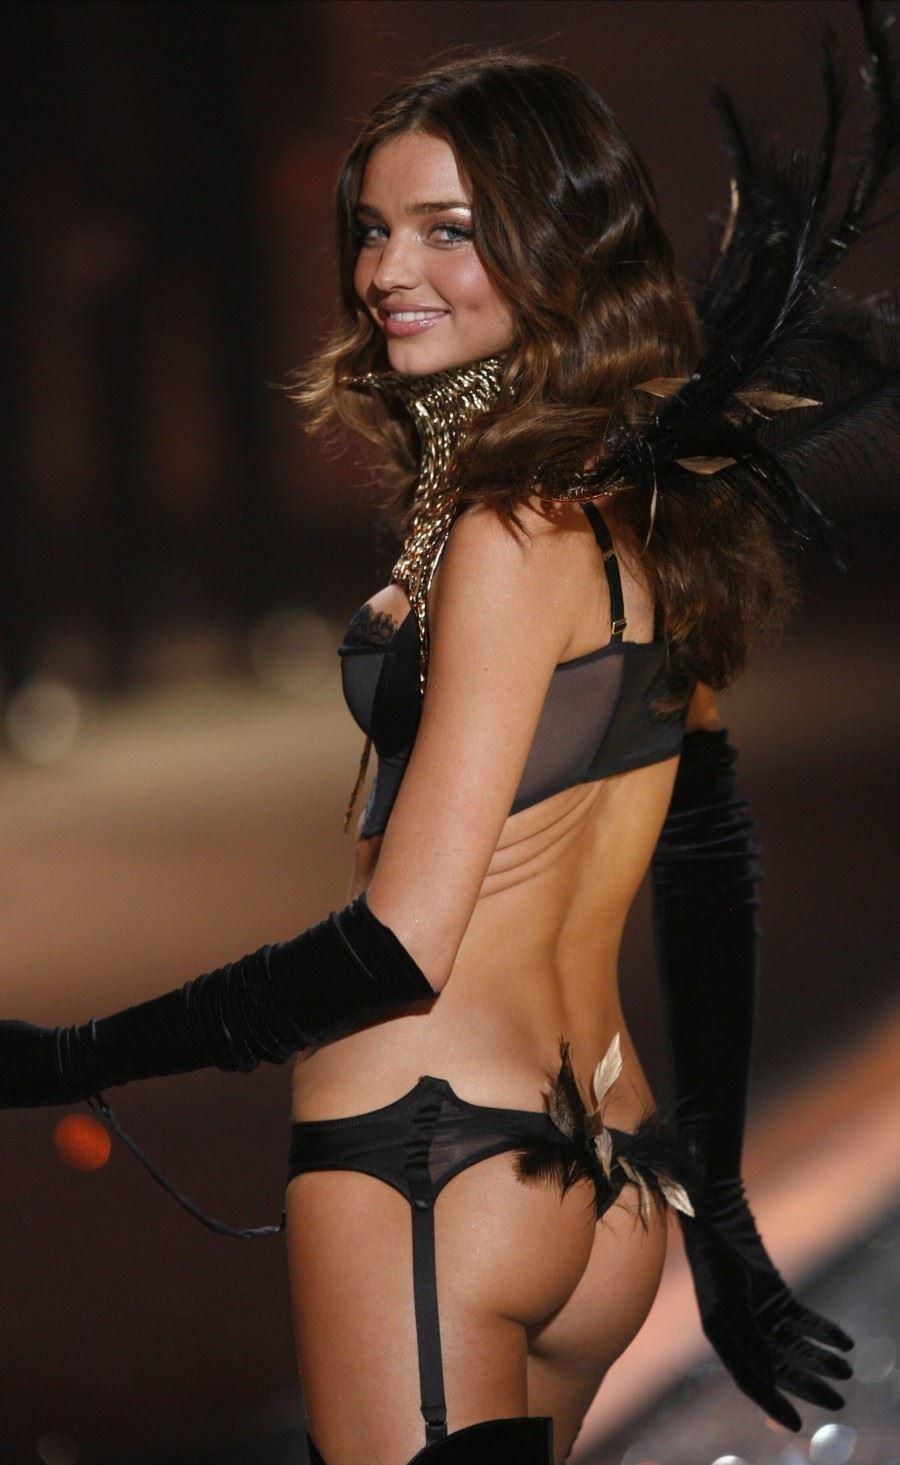 【外人】スーパーモデルがファッションショーで美乳首見せちゃってるおっぱいポルノ画像 1053